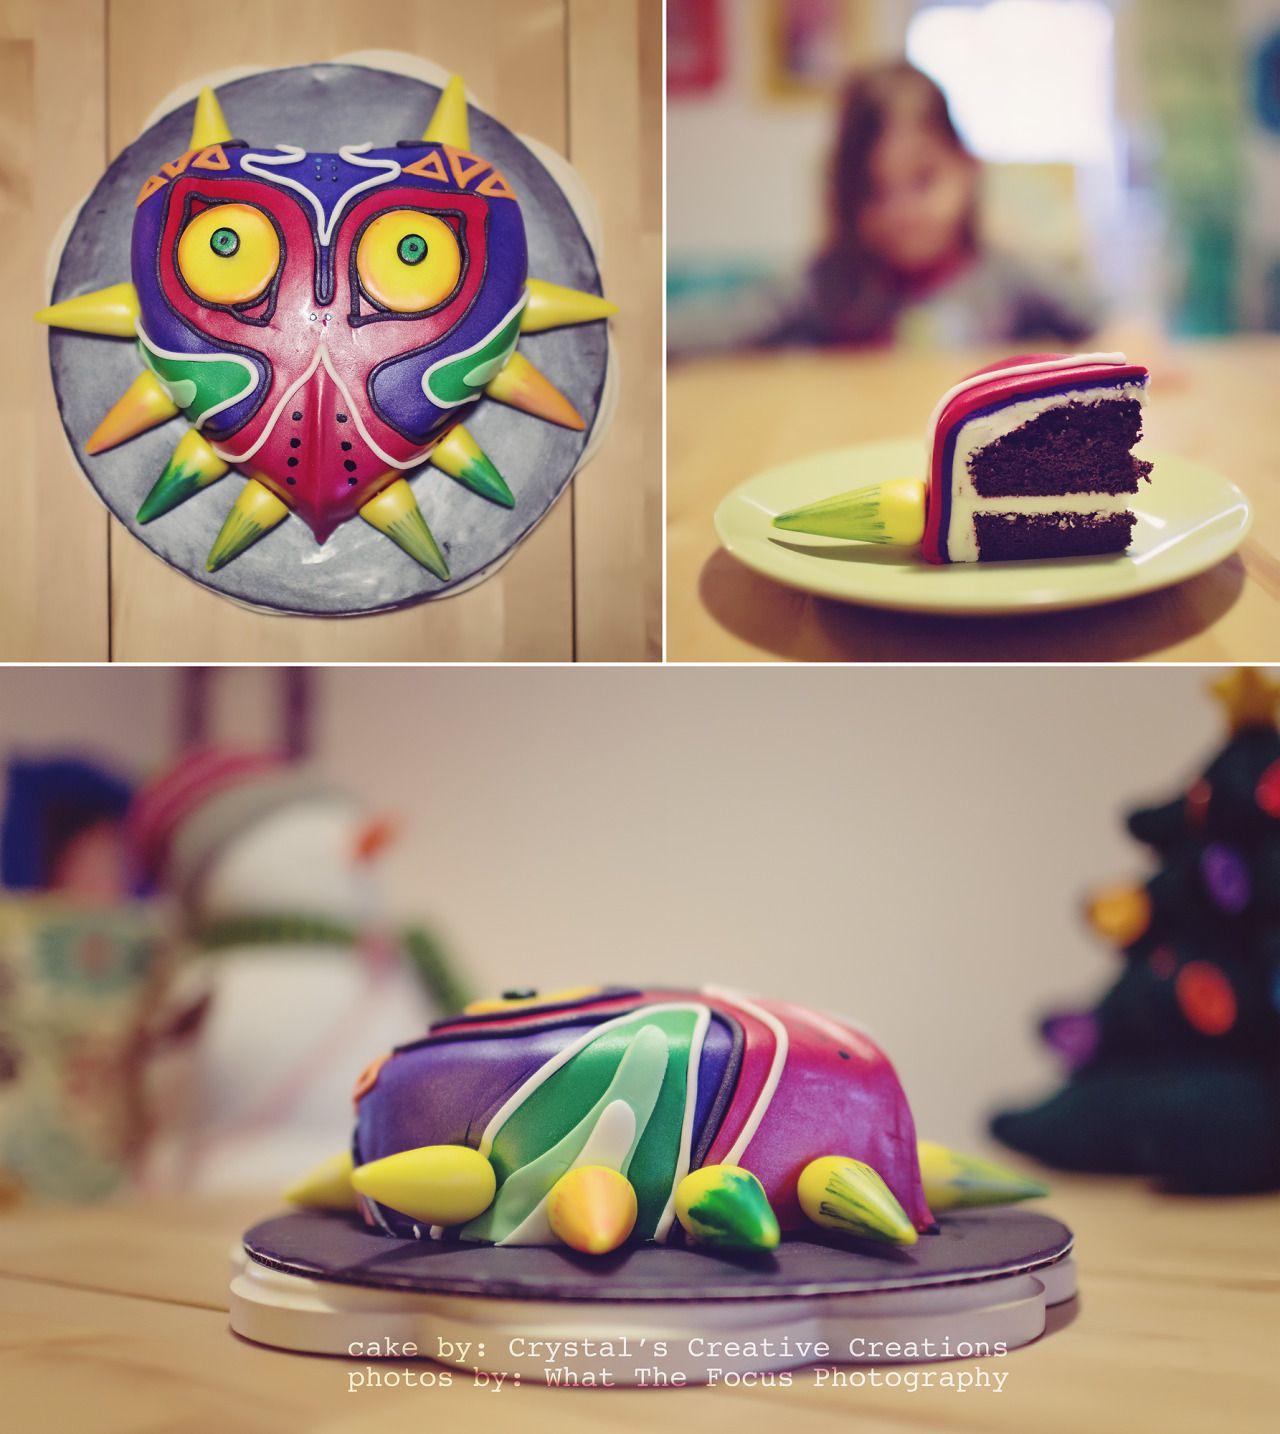 The Legend Of Zelda Majoras Mask Cake Video Game Cake